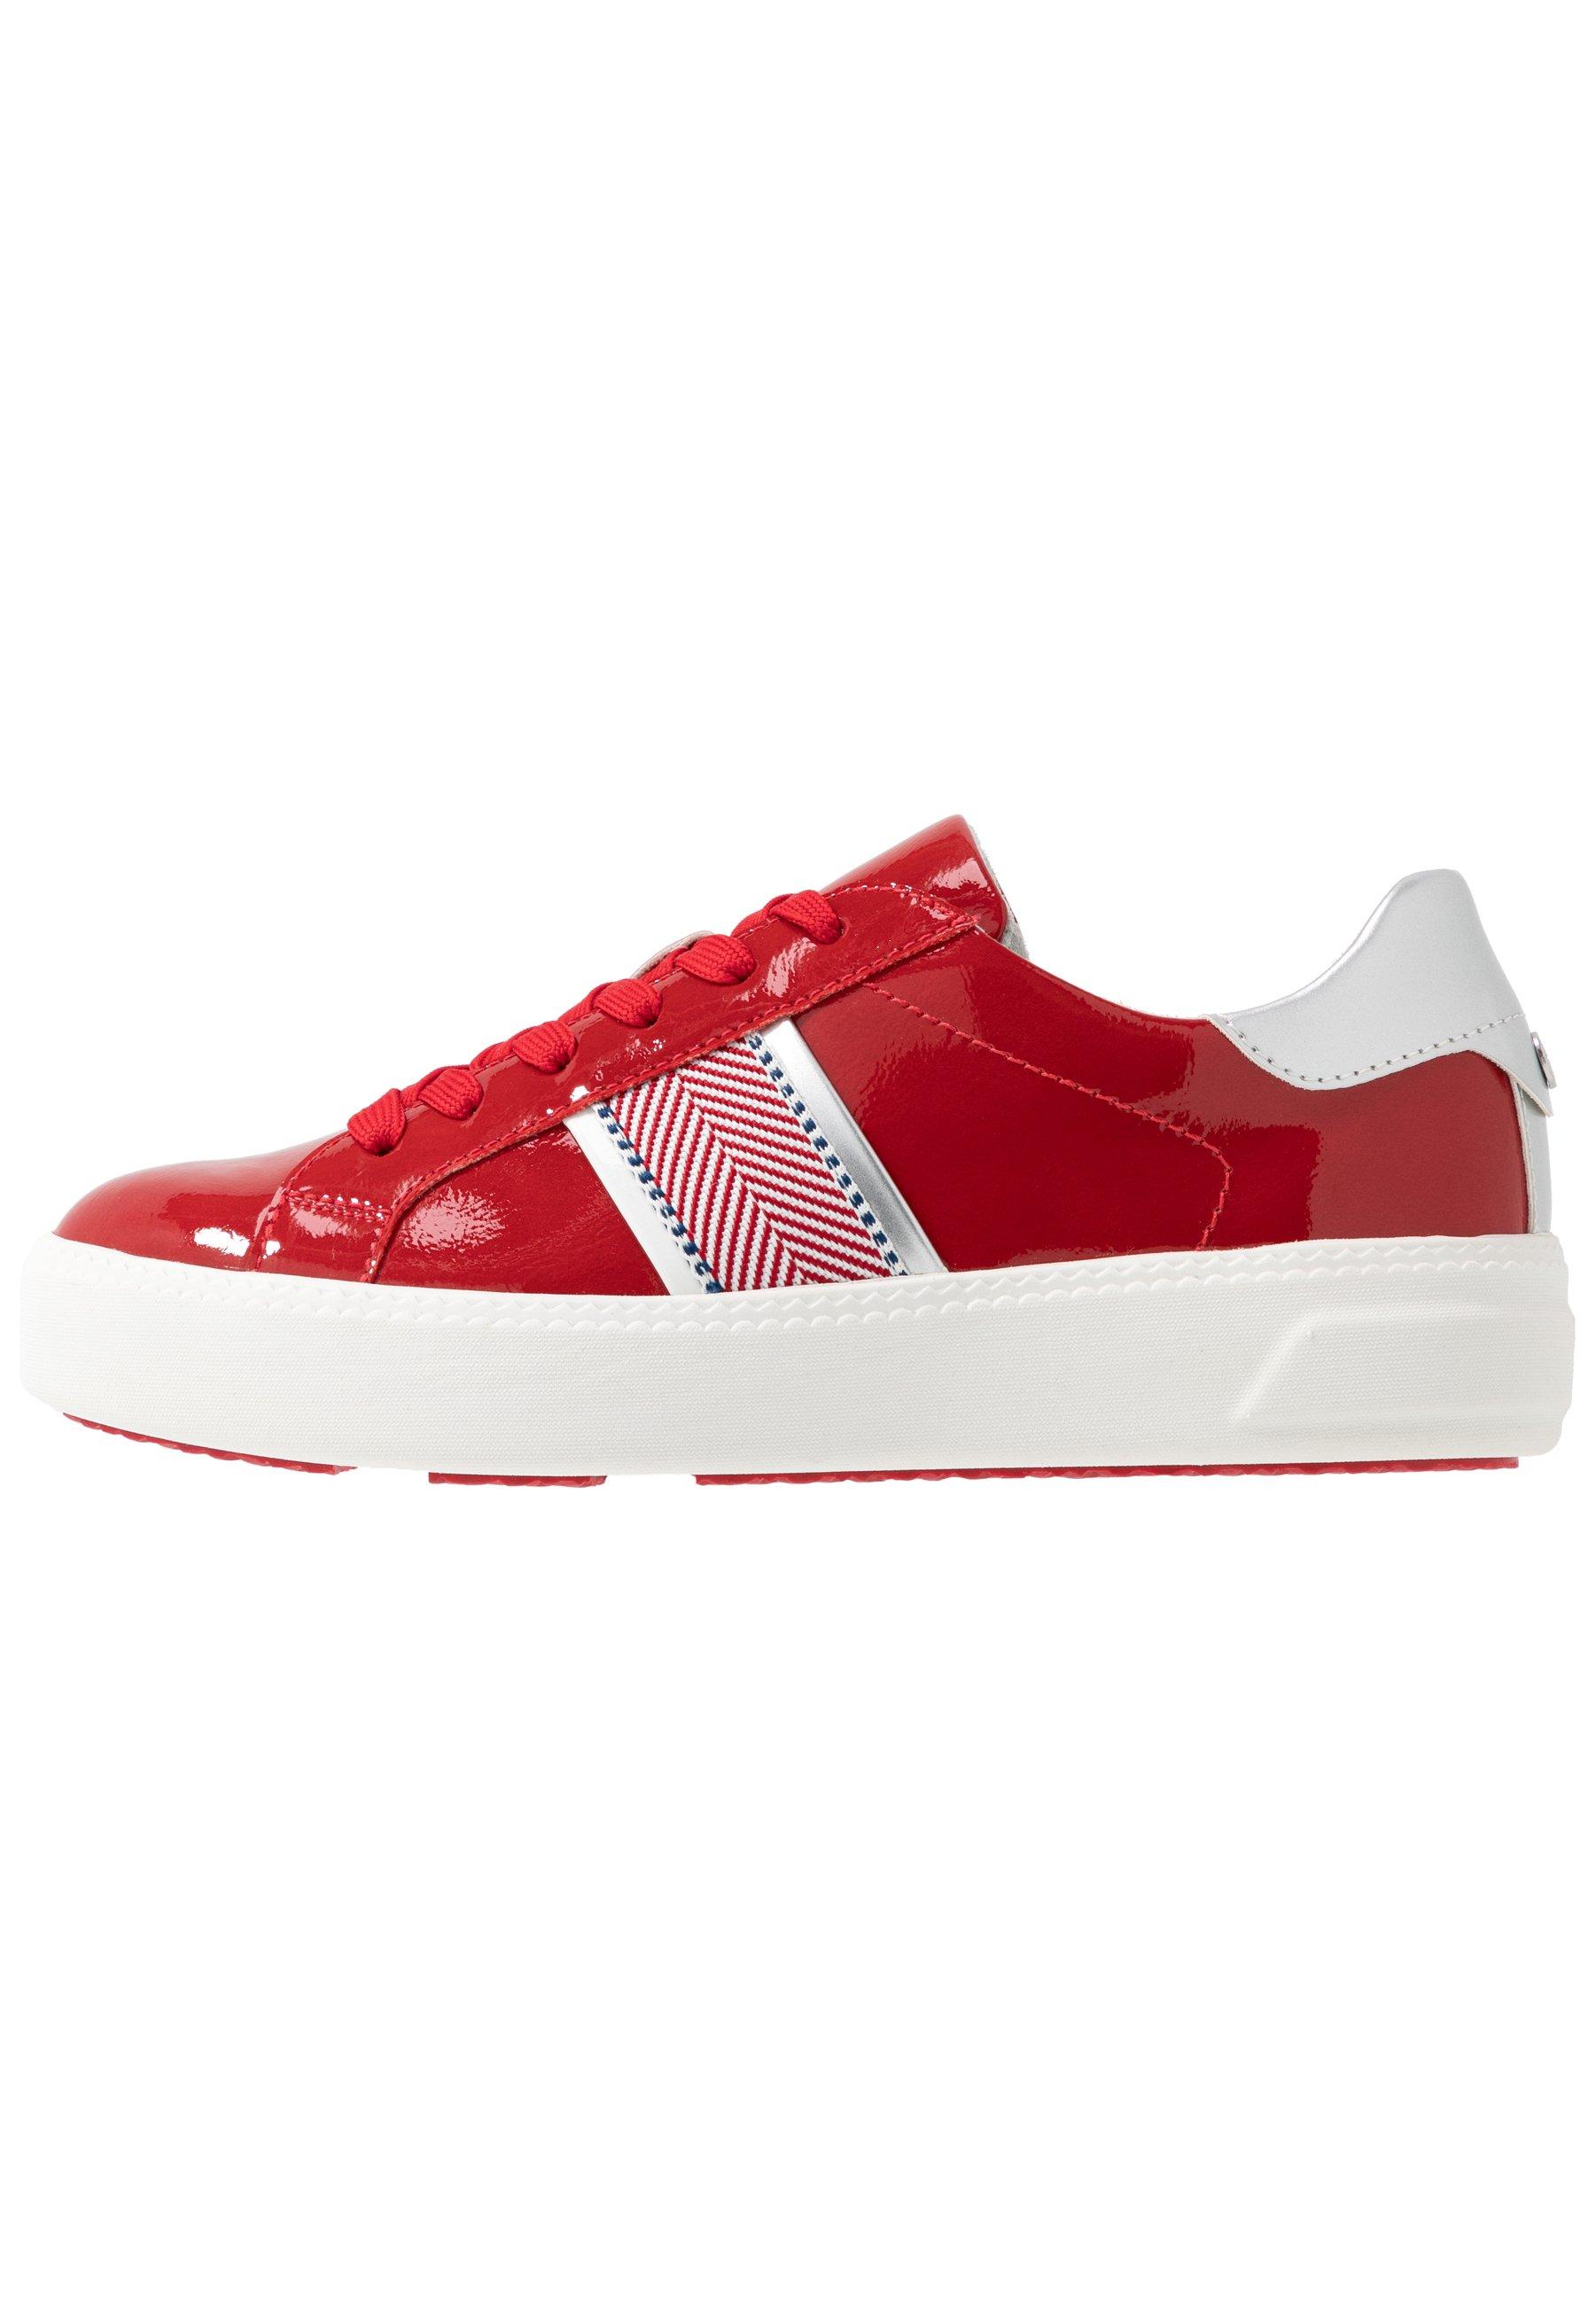 Tamaris Sneakers - chili